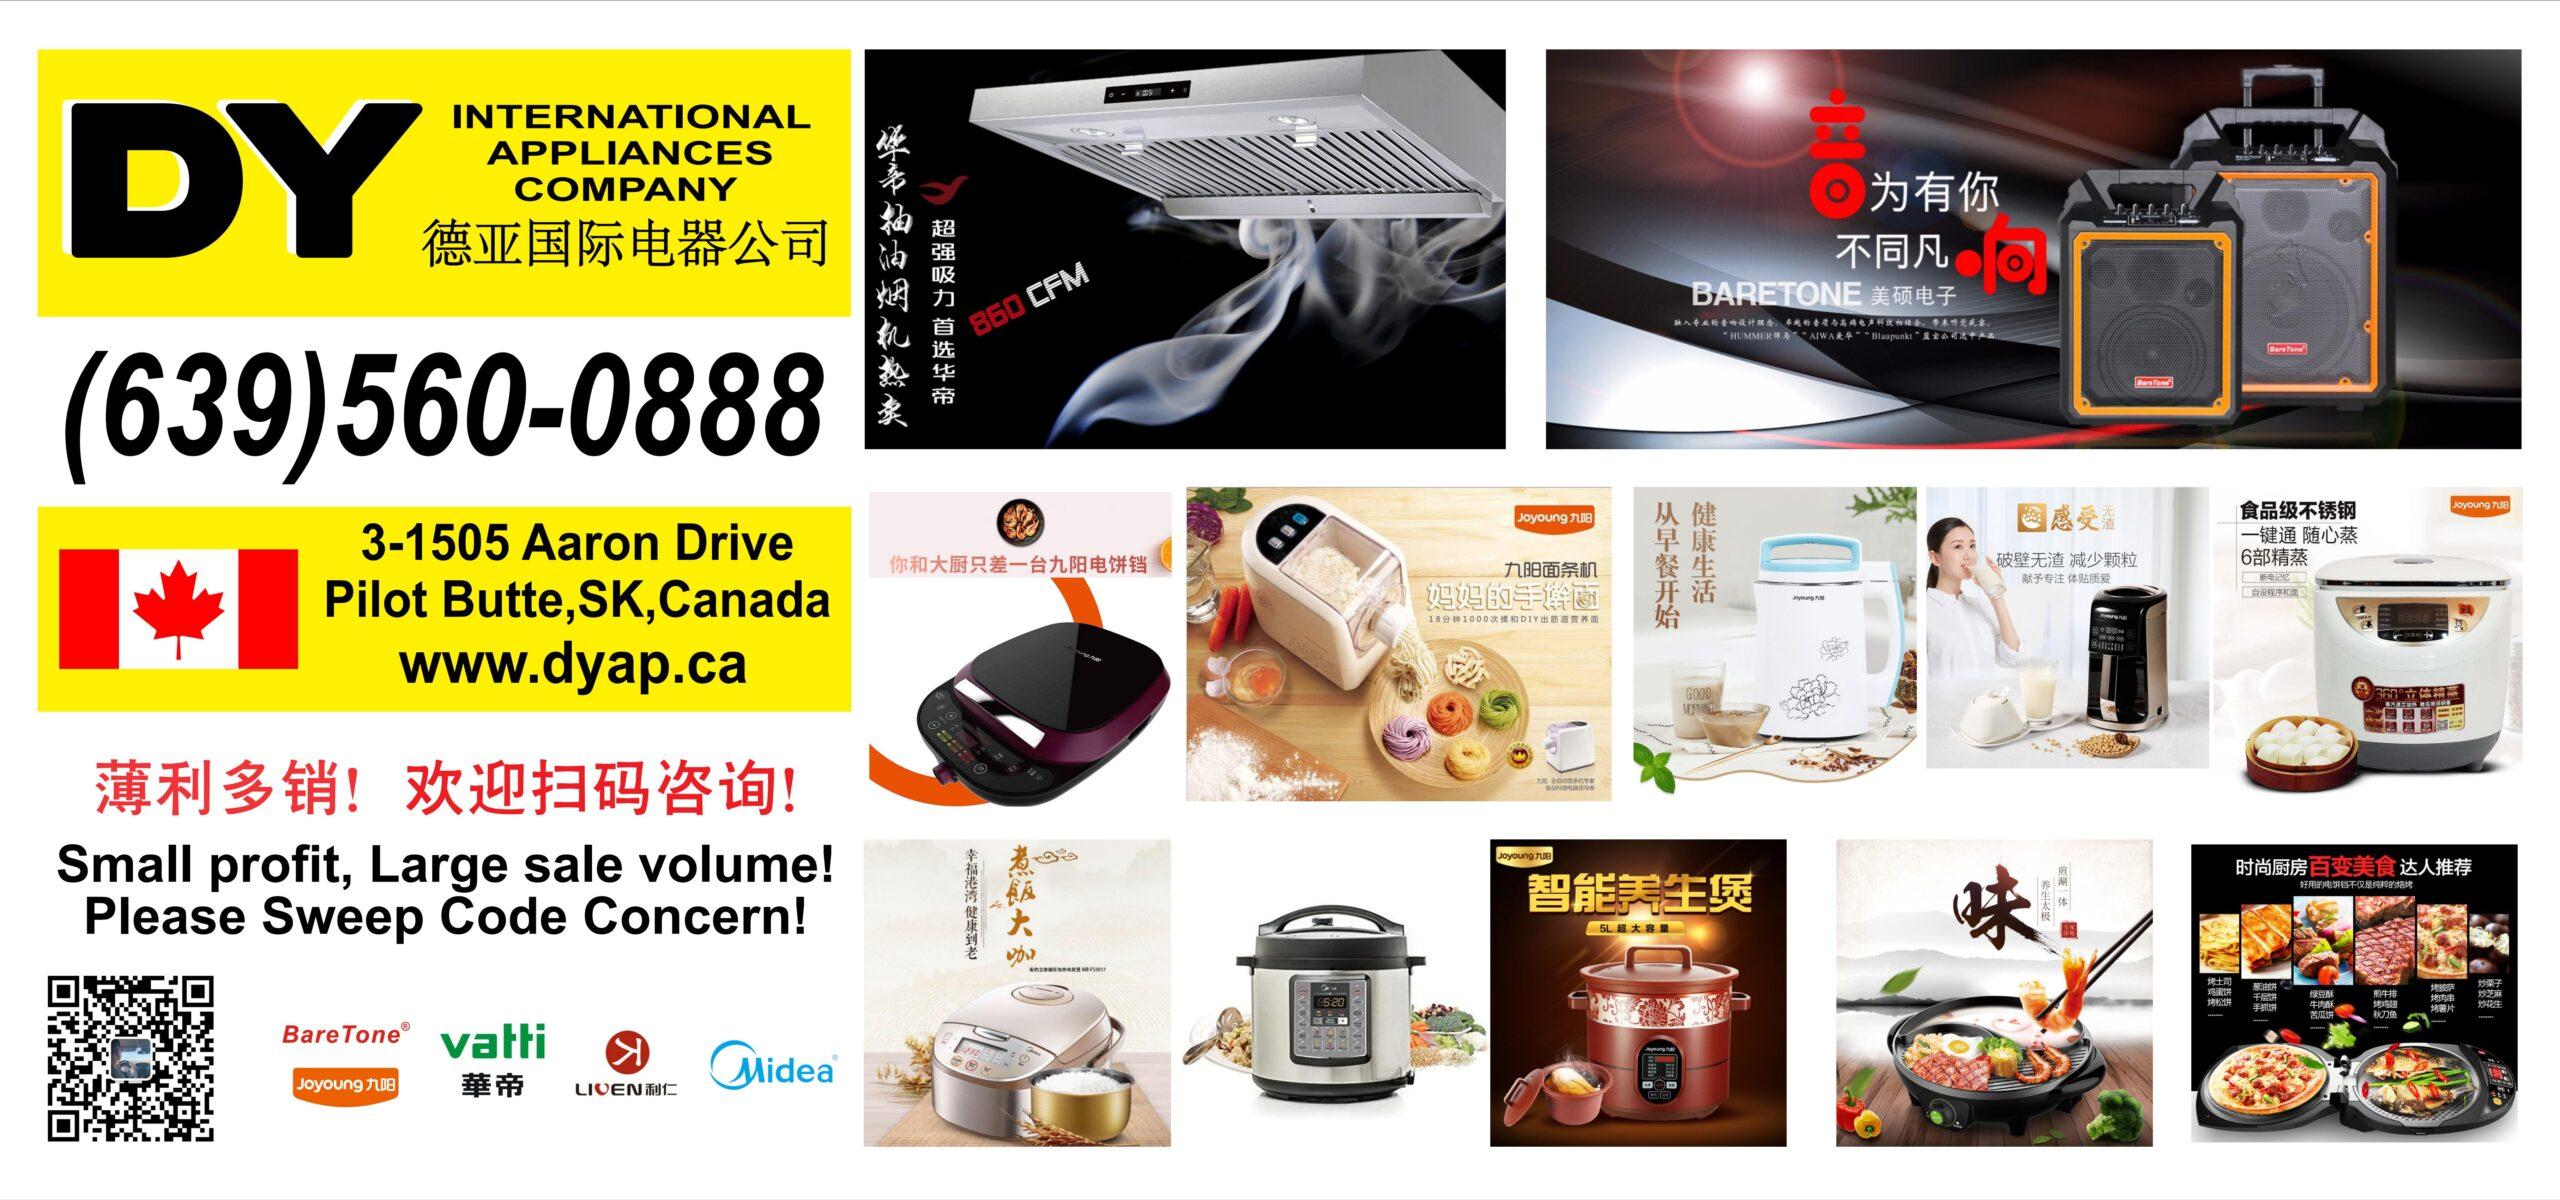 DY Appliance